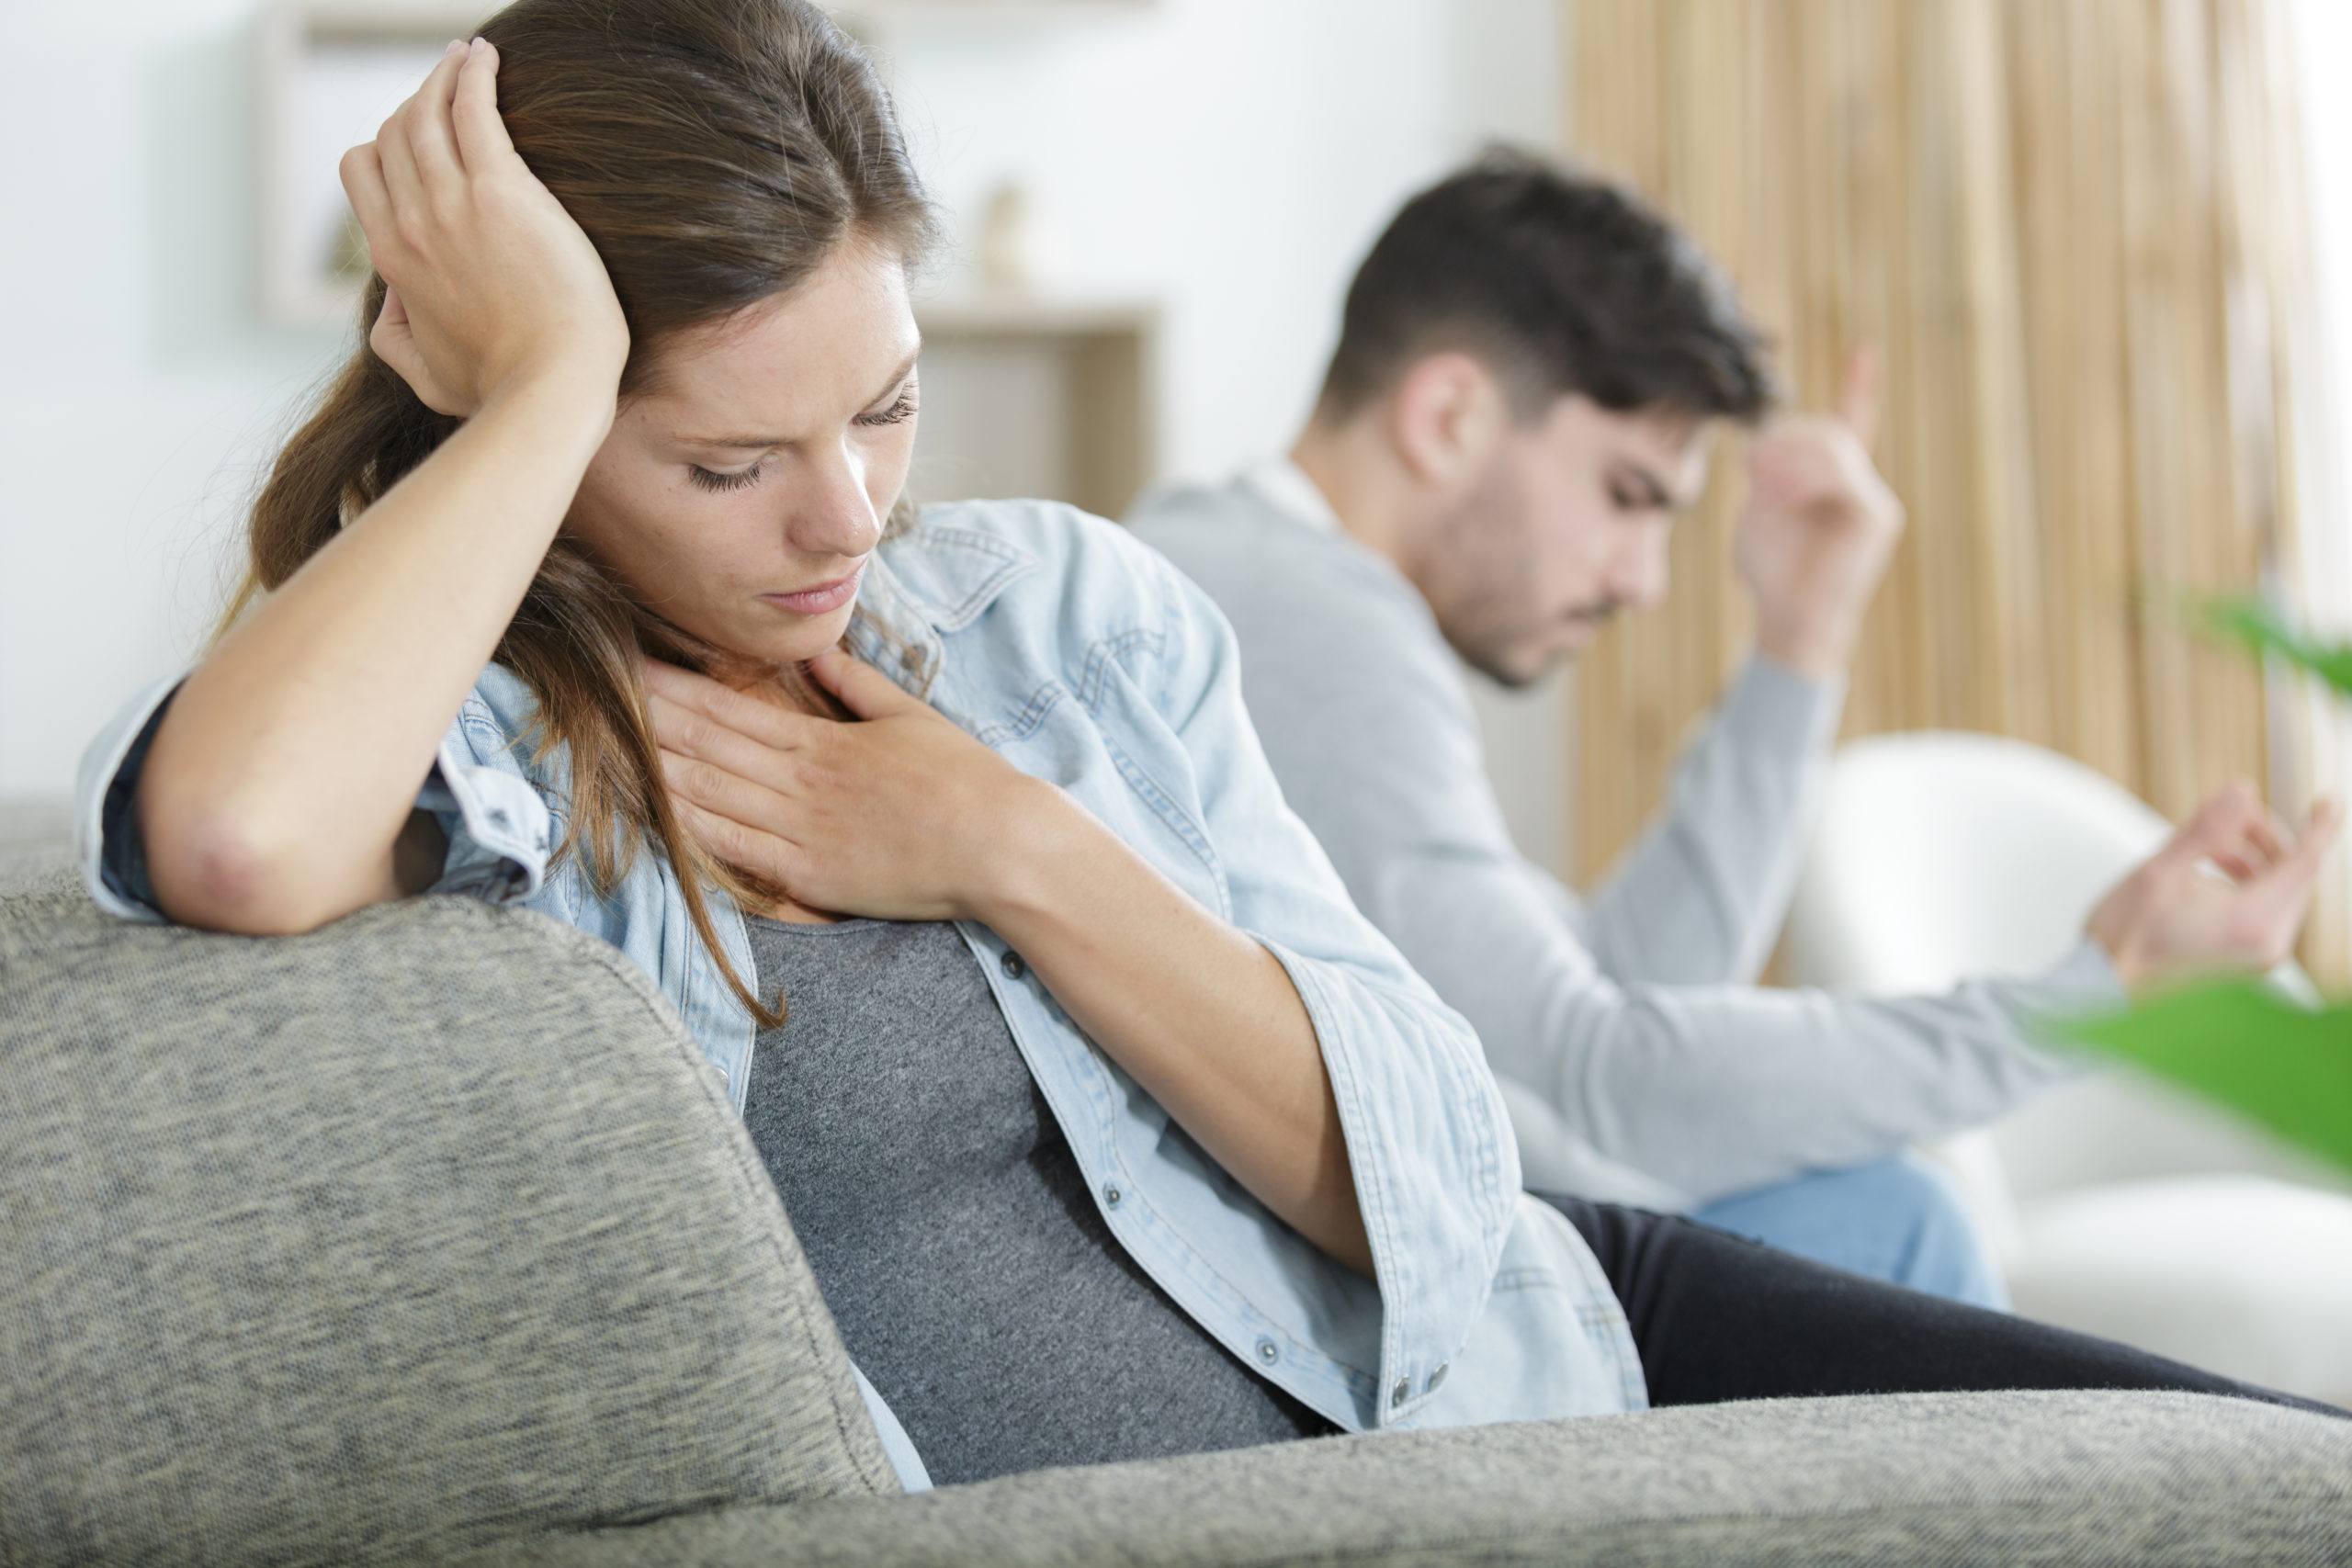 ksiazkiedukacyjne.pl - Terapia małżeńska - dla kogo jest przeznaczona i jakie daje efekty?